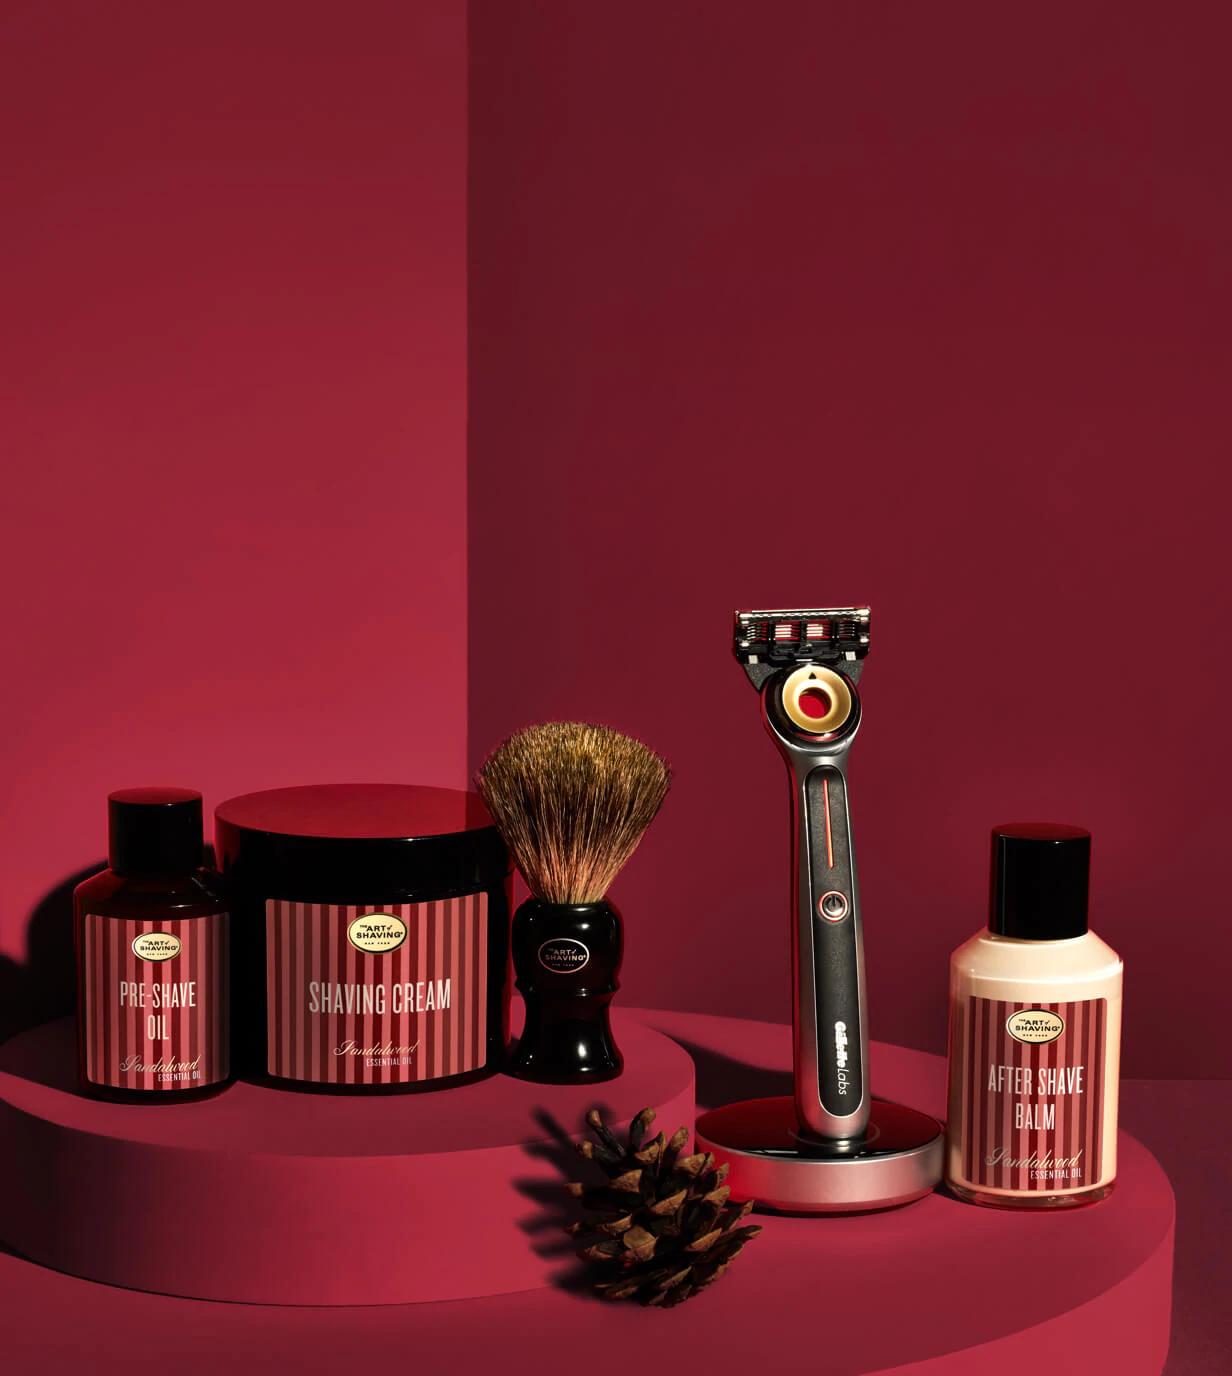 the art of shaving gift set